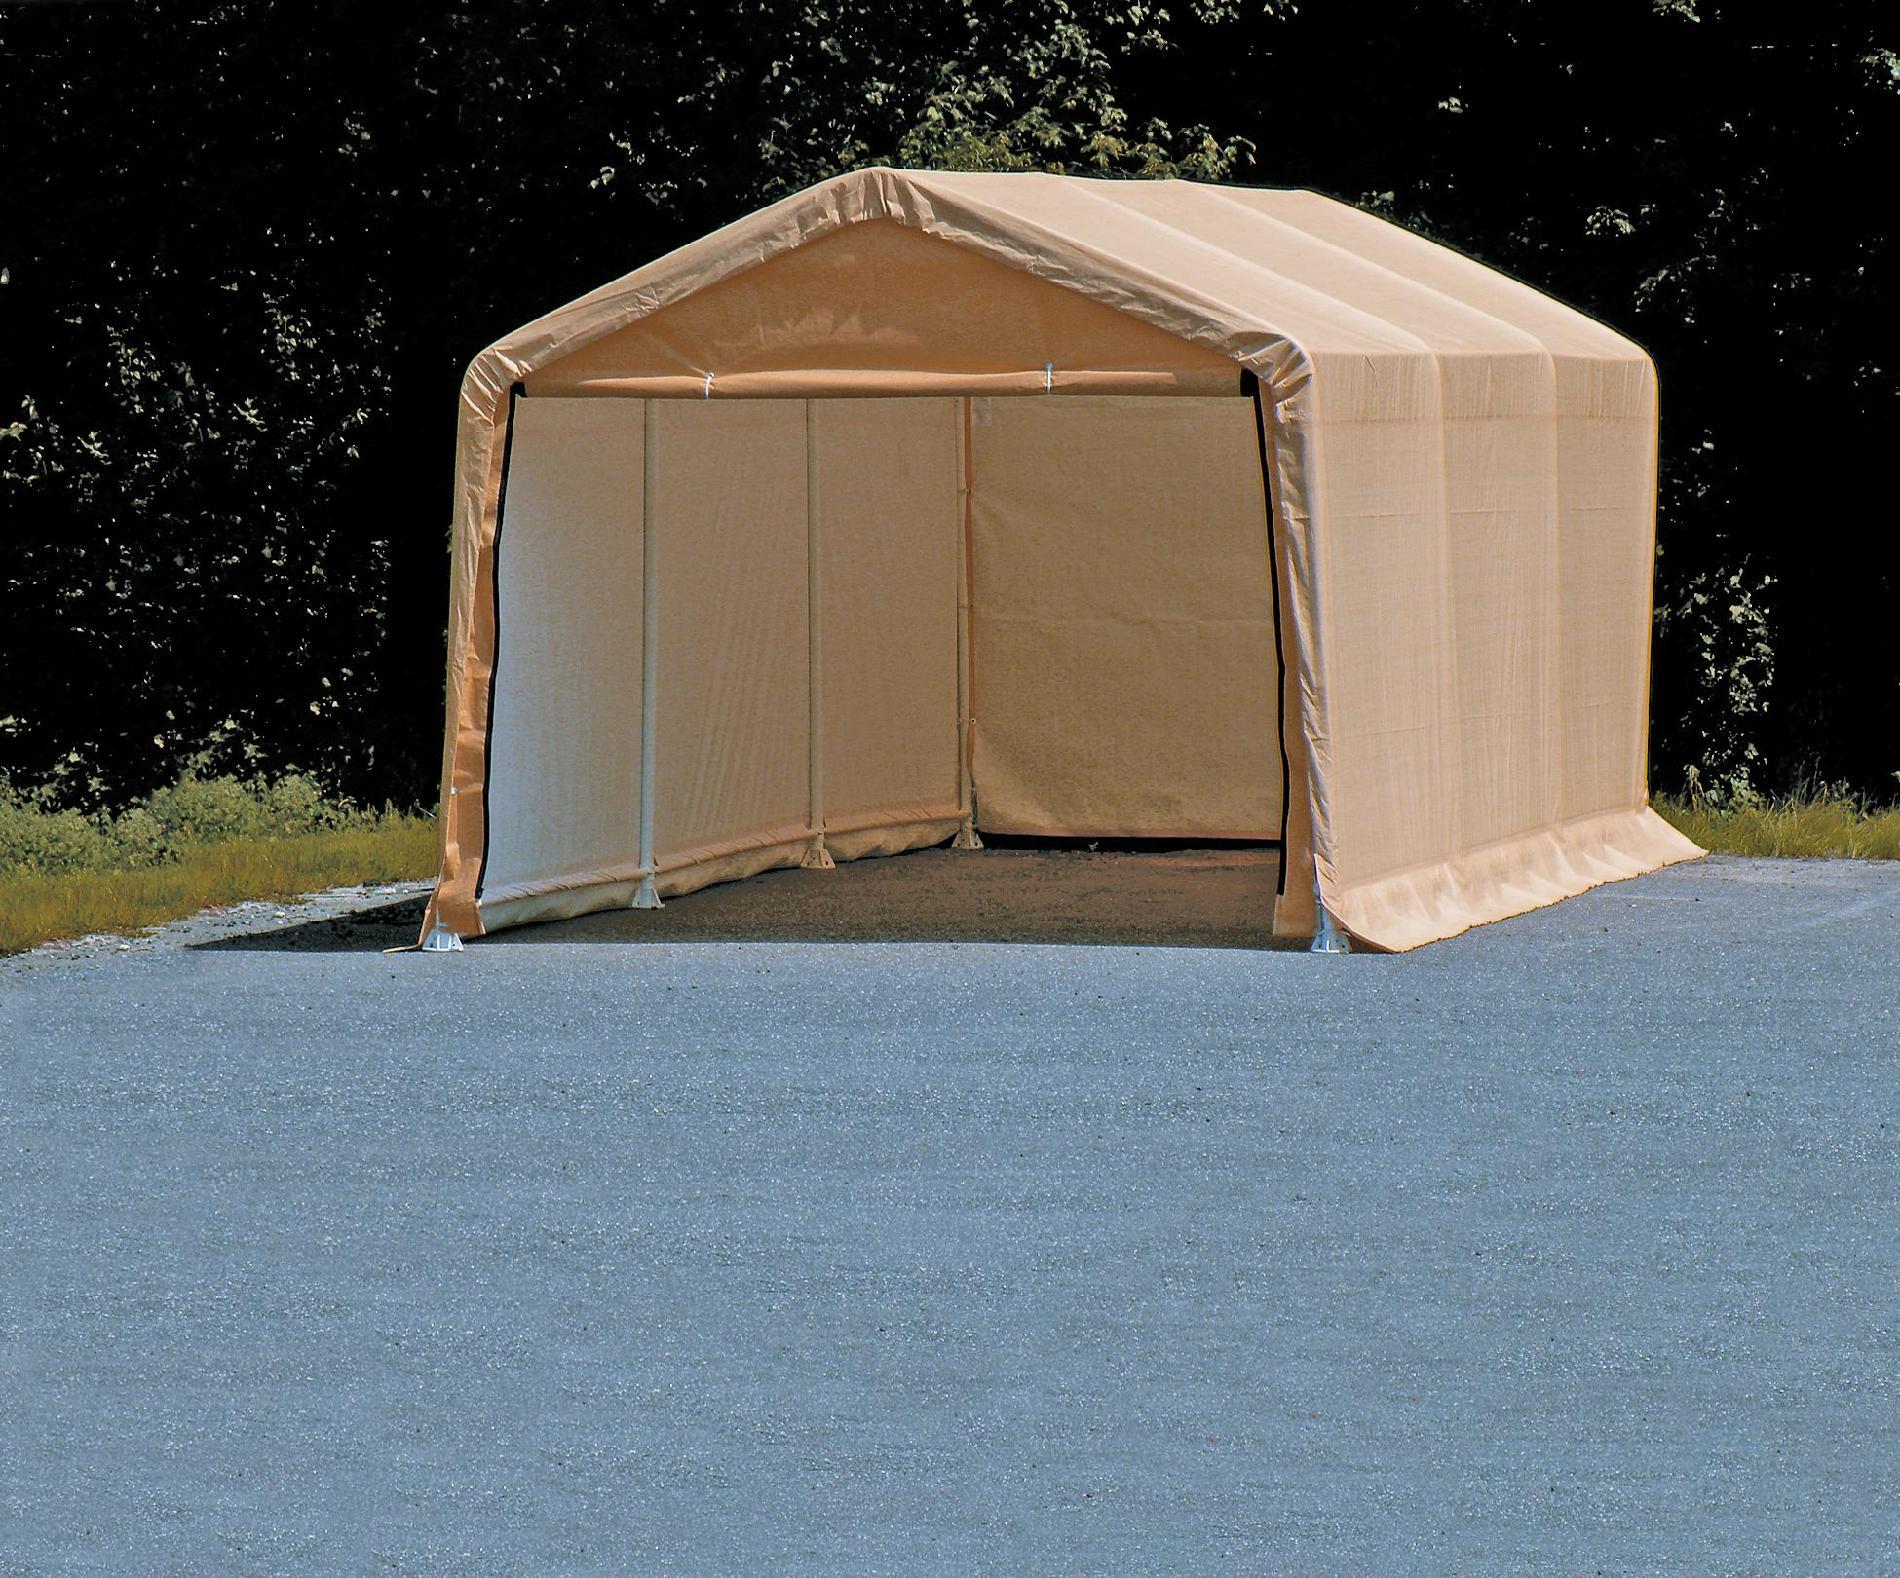 Shelterlogic Autoshelter Tan 62680 10' X 20' Auto Storage Shelter